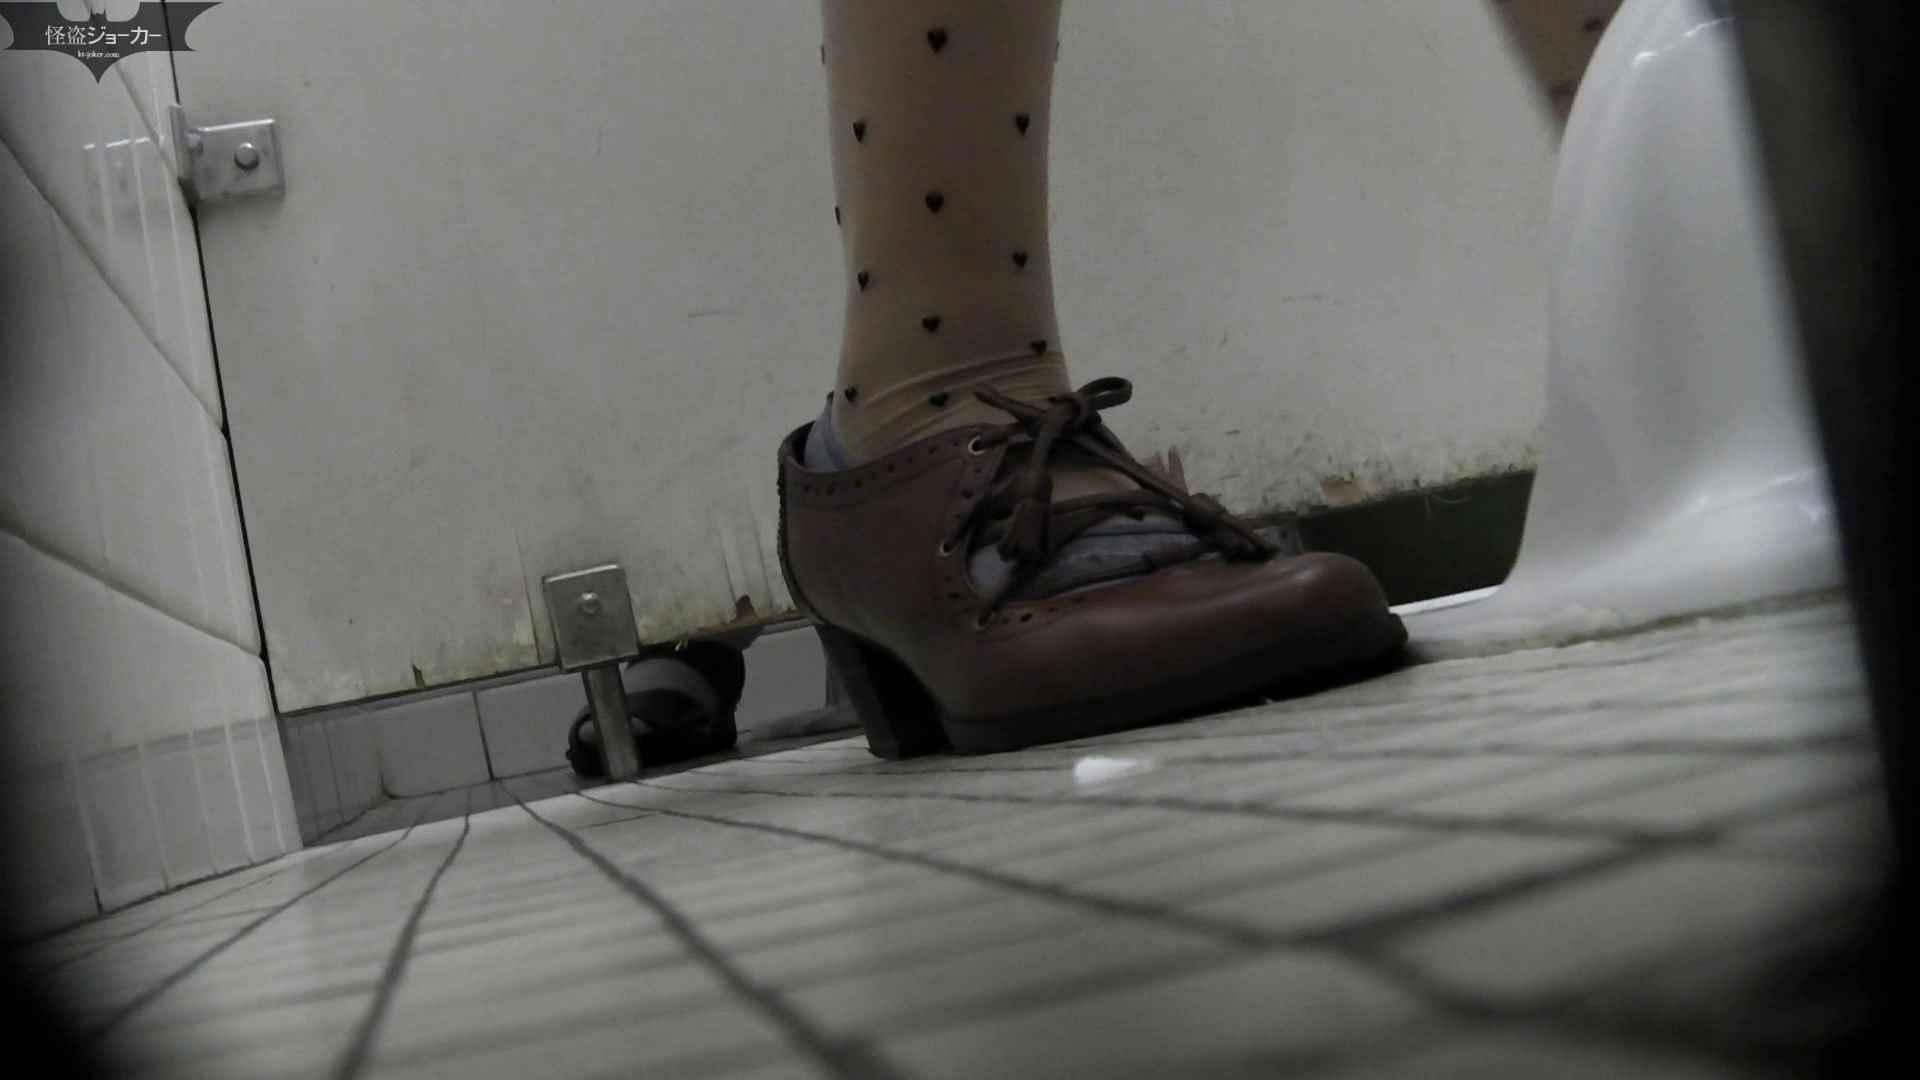 【美しき個室な世界】洗面所特攻隊 vol.051 エッチなOL  93枚 10